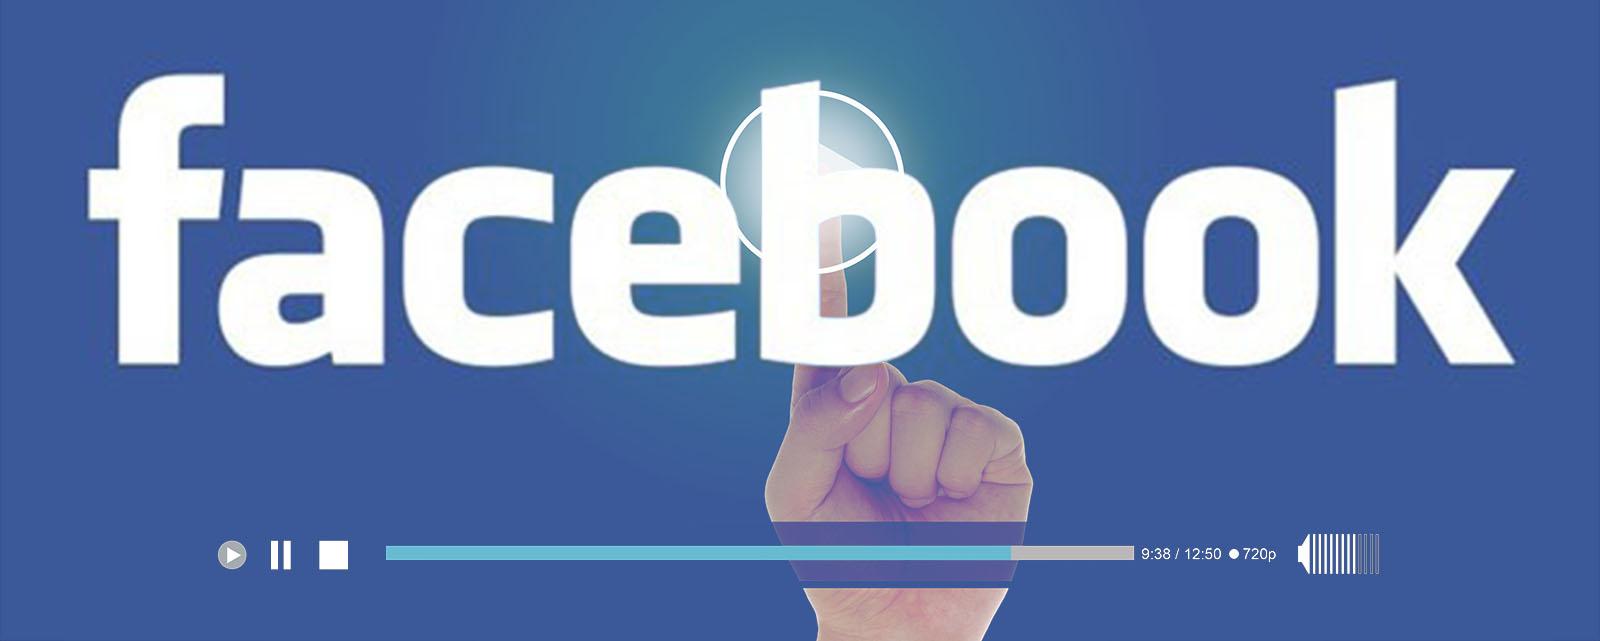 huong-dan-kinh-doanh-qua-facebook-hieu-qua-3